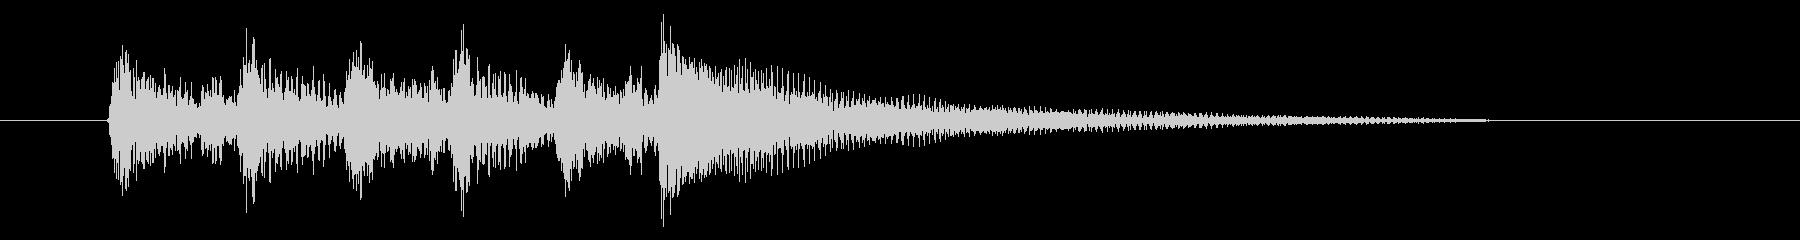 印象深いシーンの場面転換に最適なアコギ曲の未再生の波形